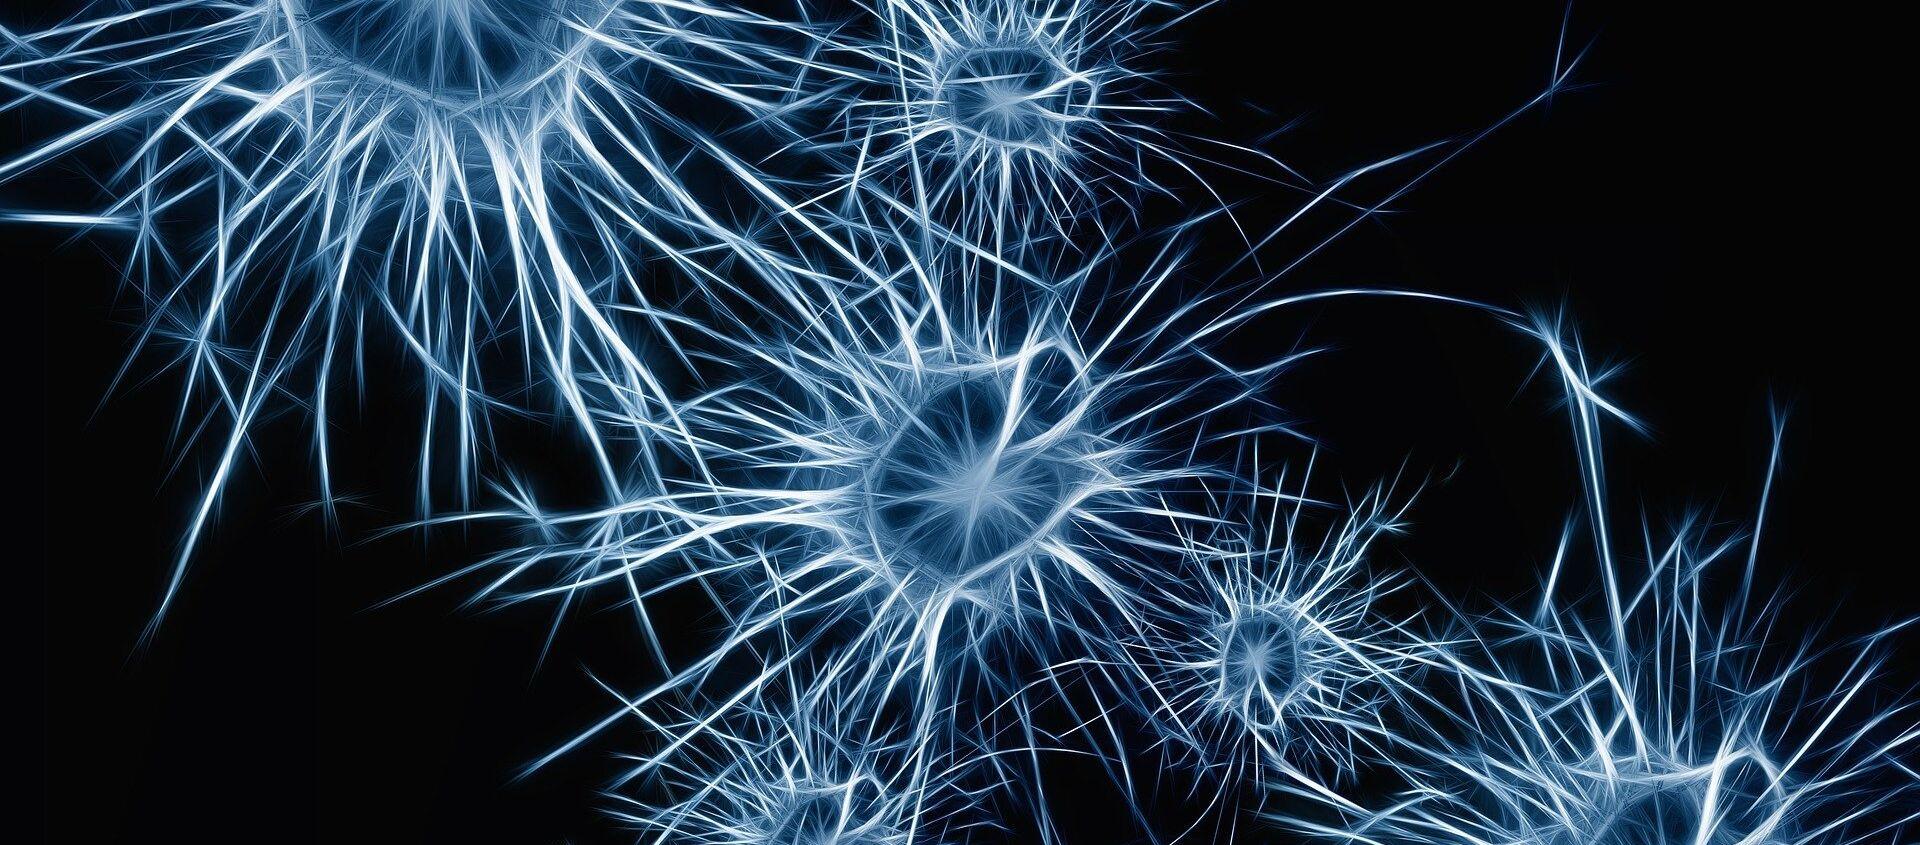 Neuronas (imagen referencial) - Sputnik Mundo, 1920, 19.01.2021